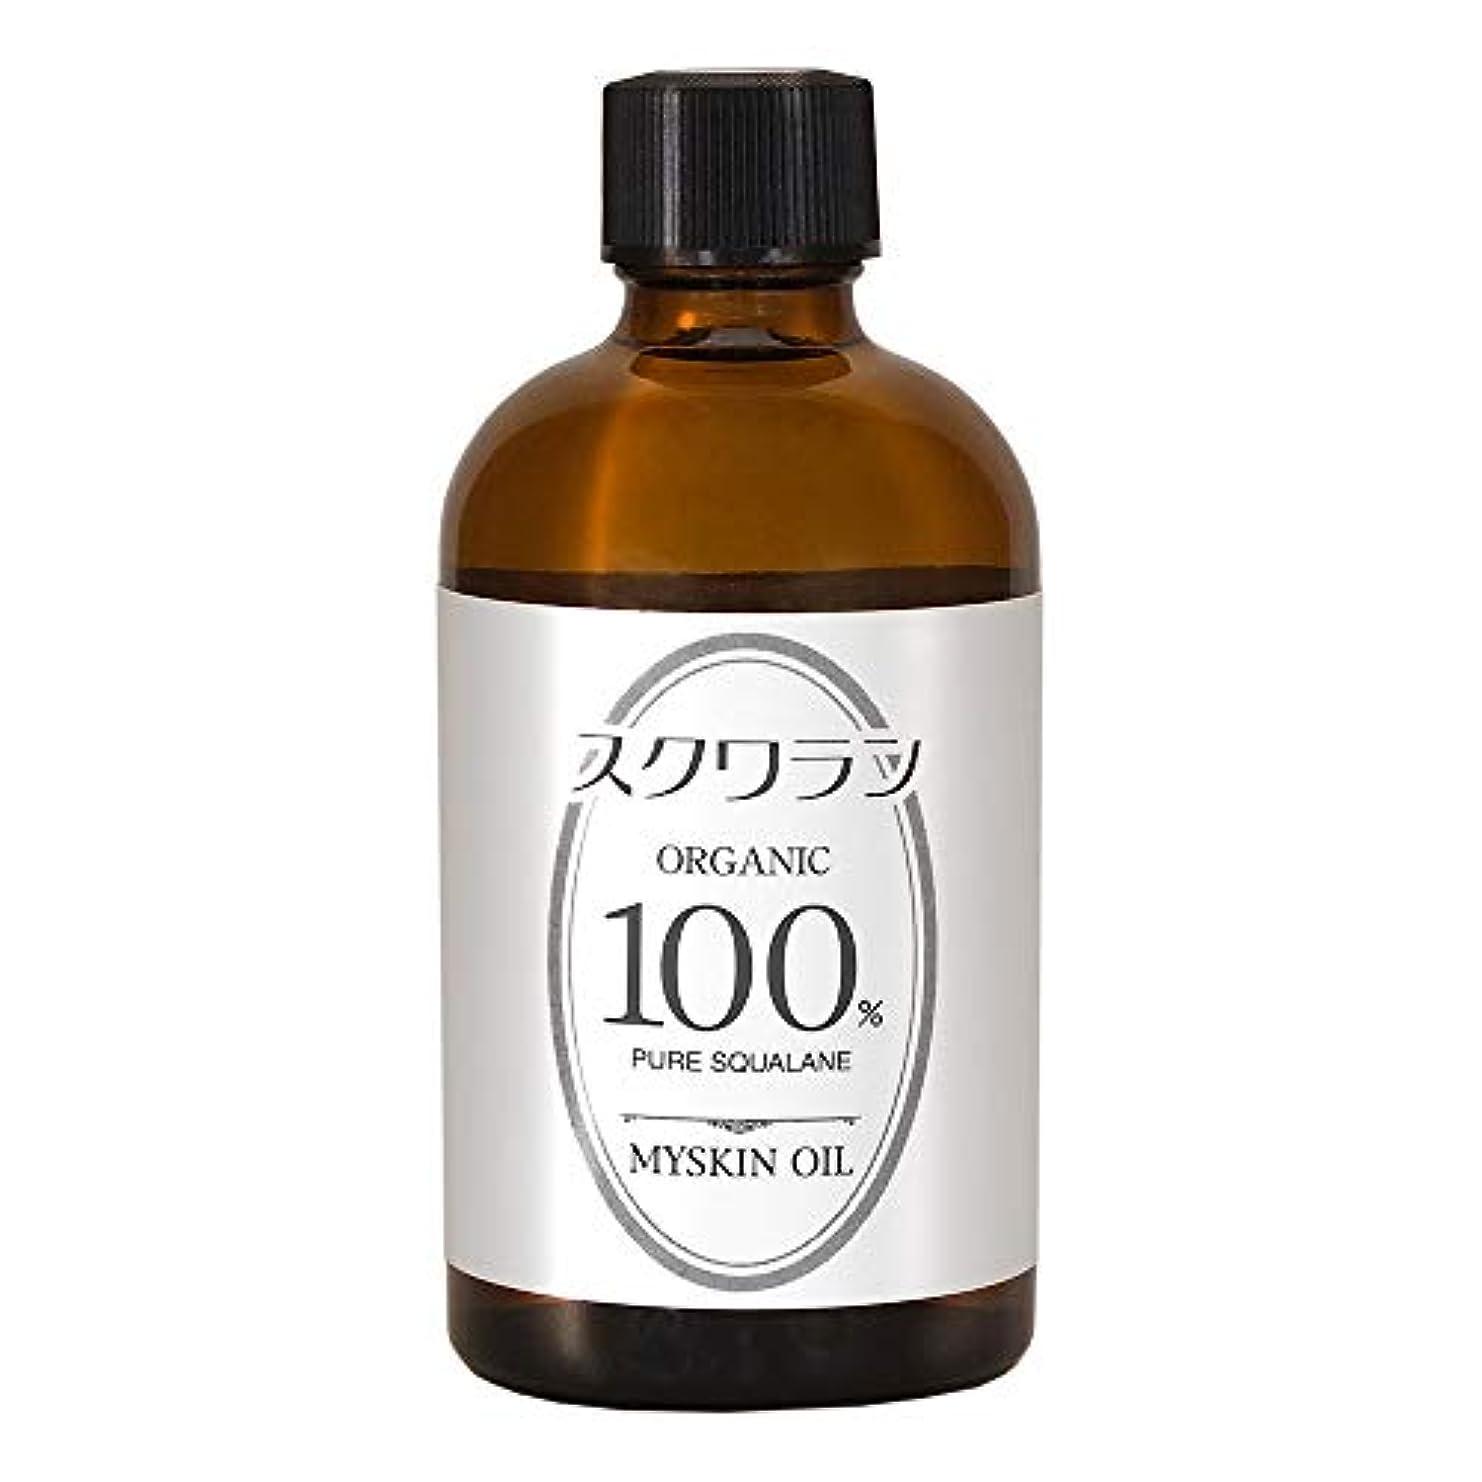 春クリーナー法律MYSKIN(マイスキン) スクワランオイル 120ml【植物由来】【無添加】